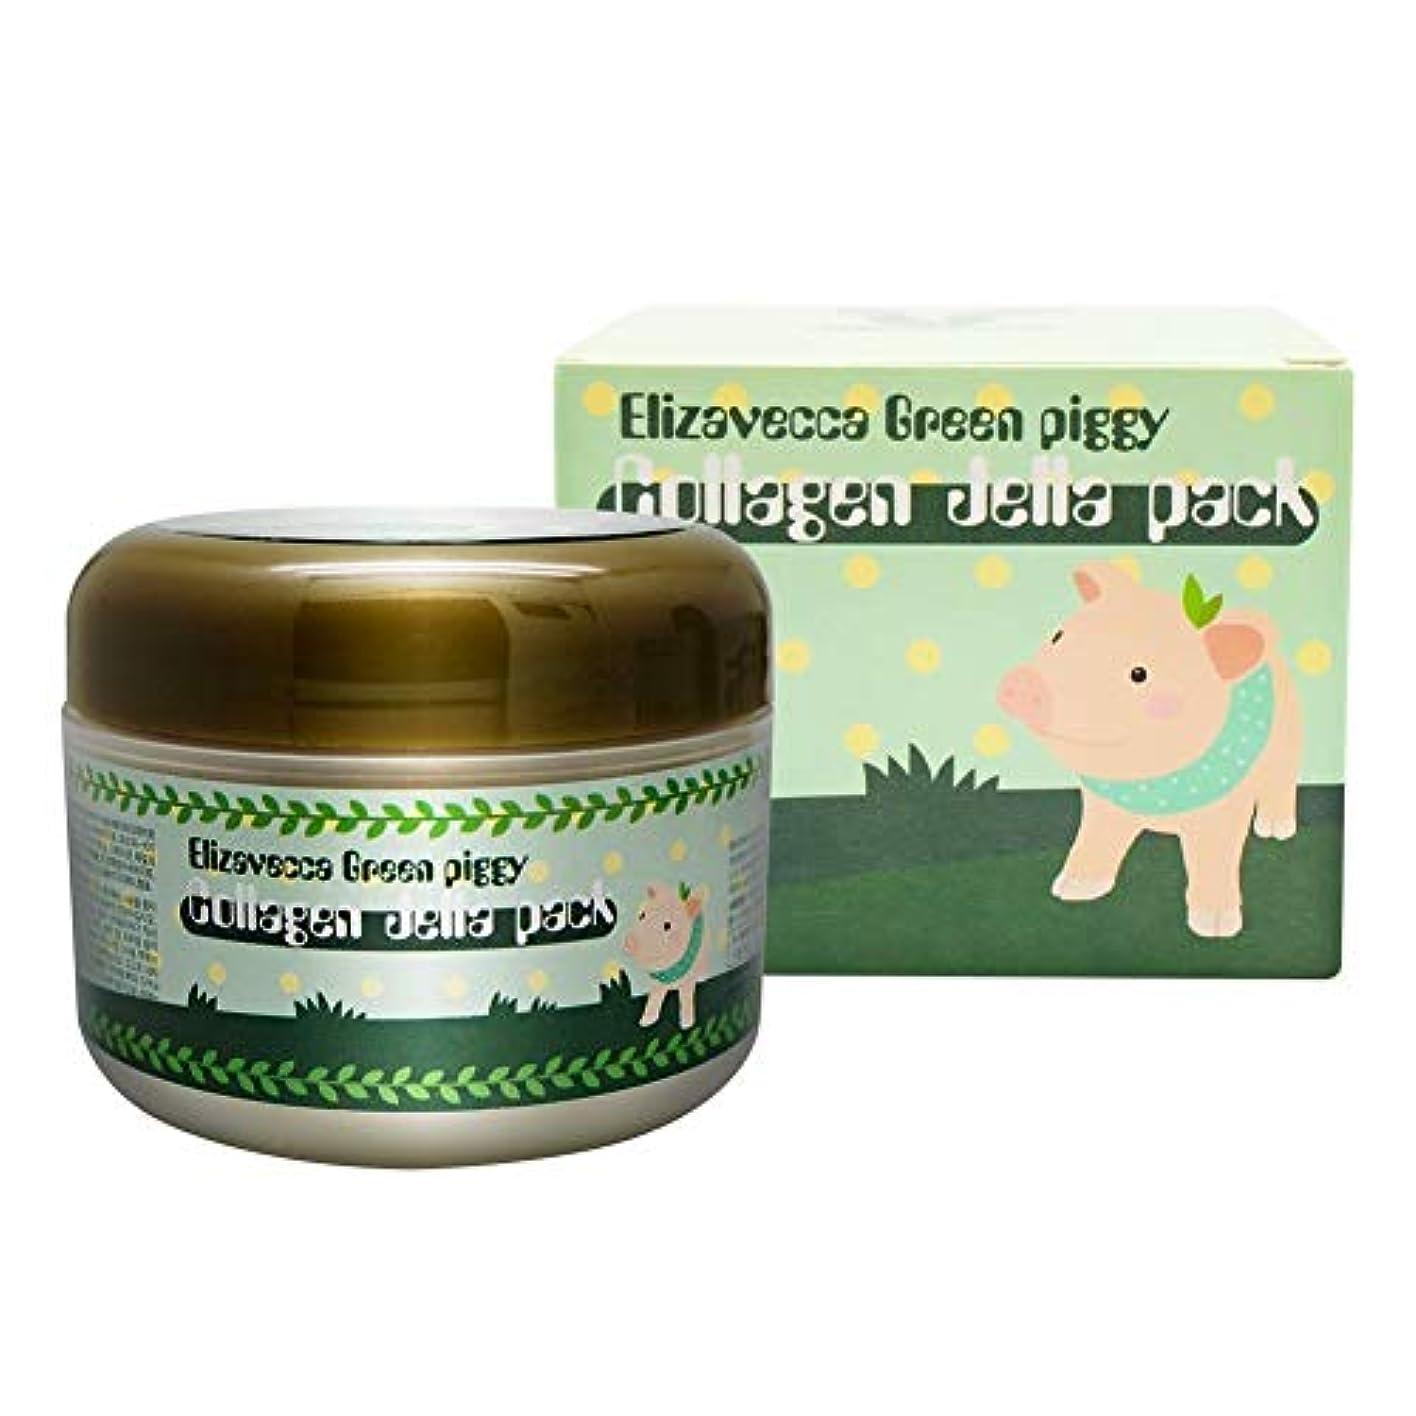 好きである結婚式好きであるElizavecca Green Piggy Collagen Jella Pack pig mask 100g